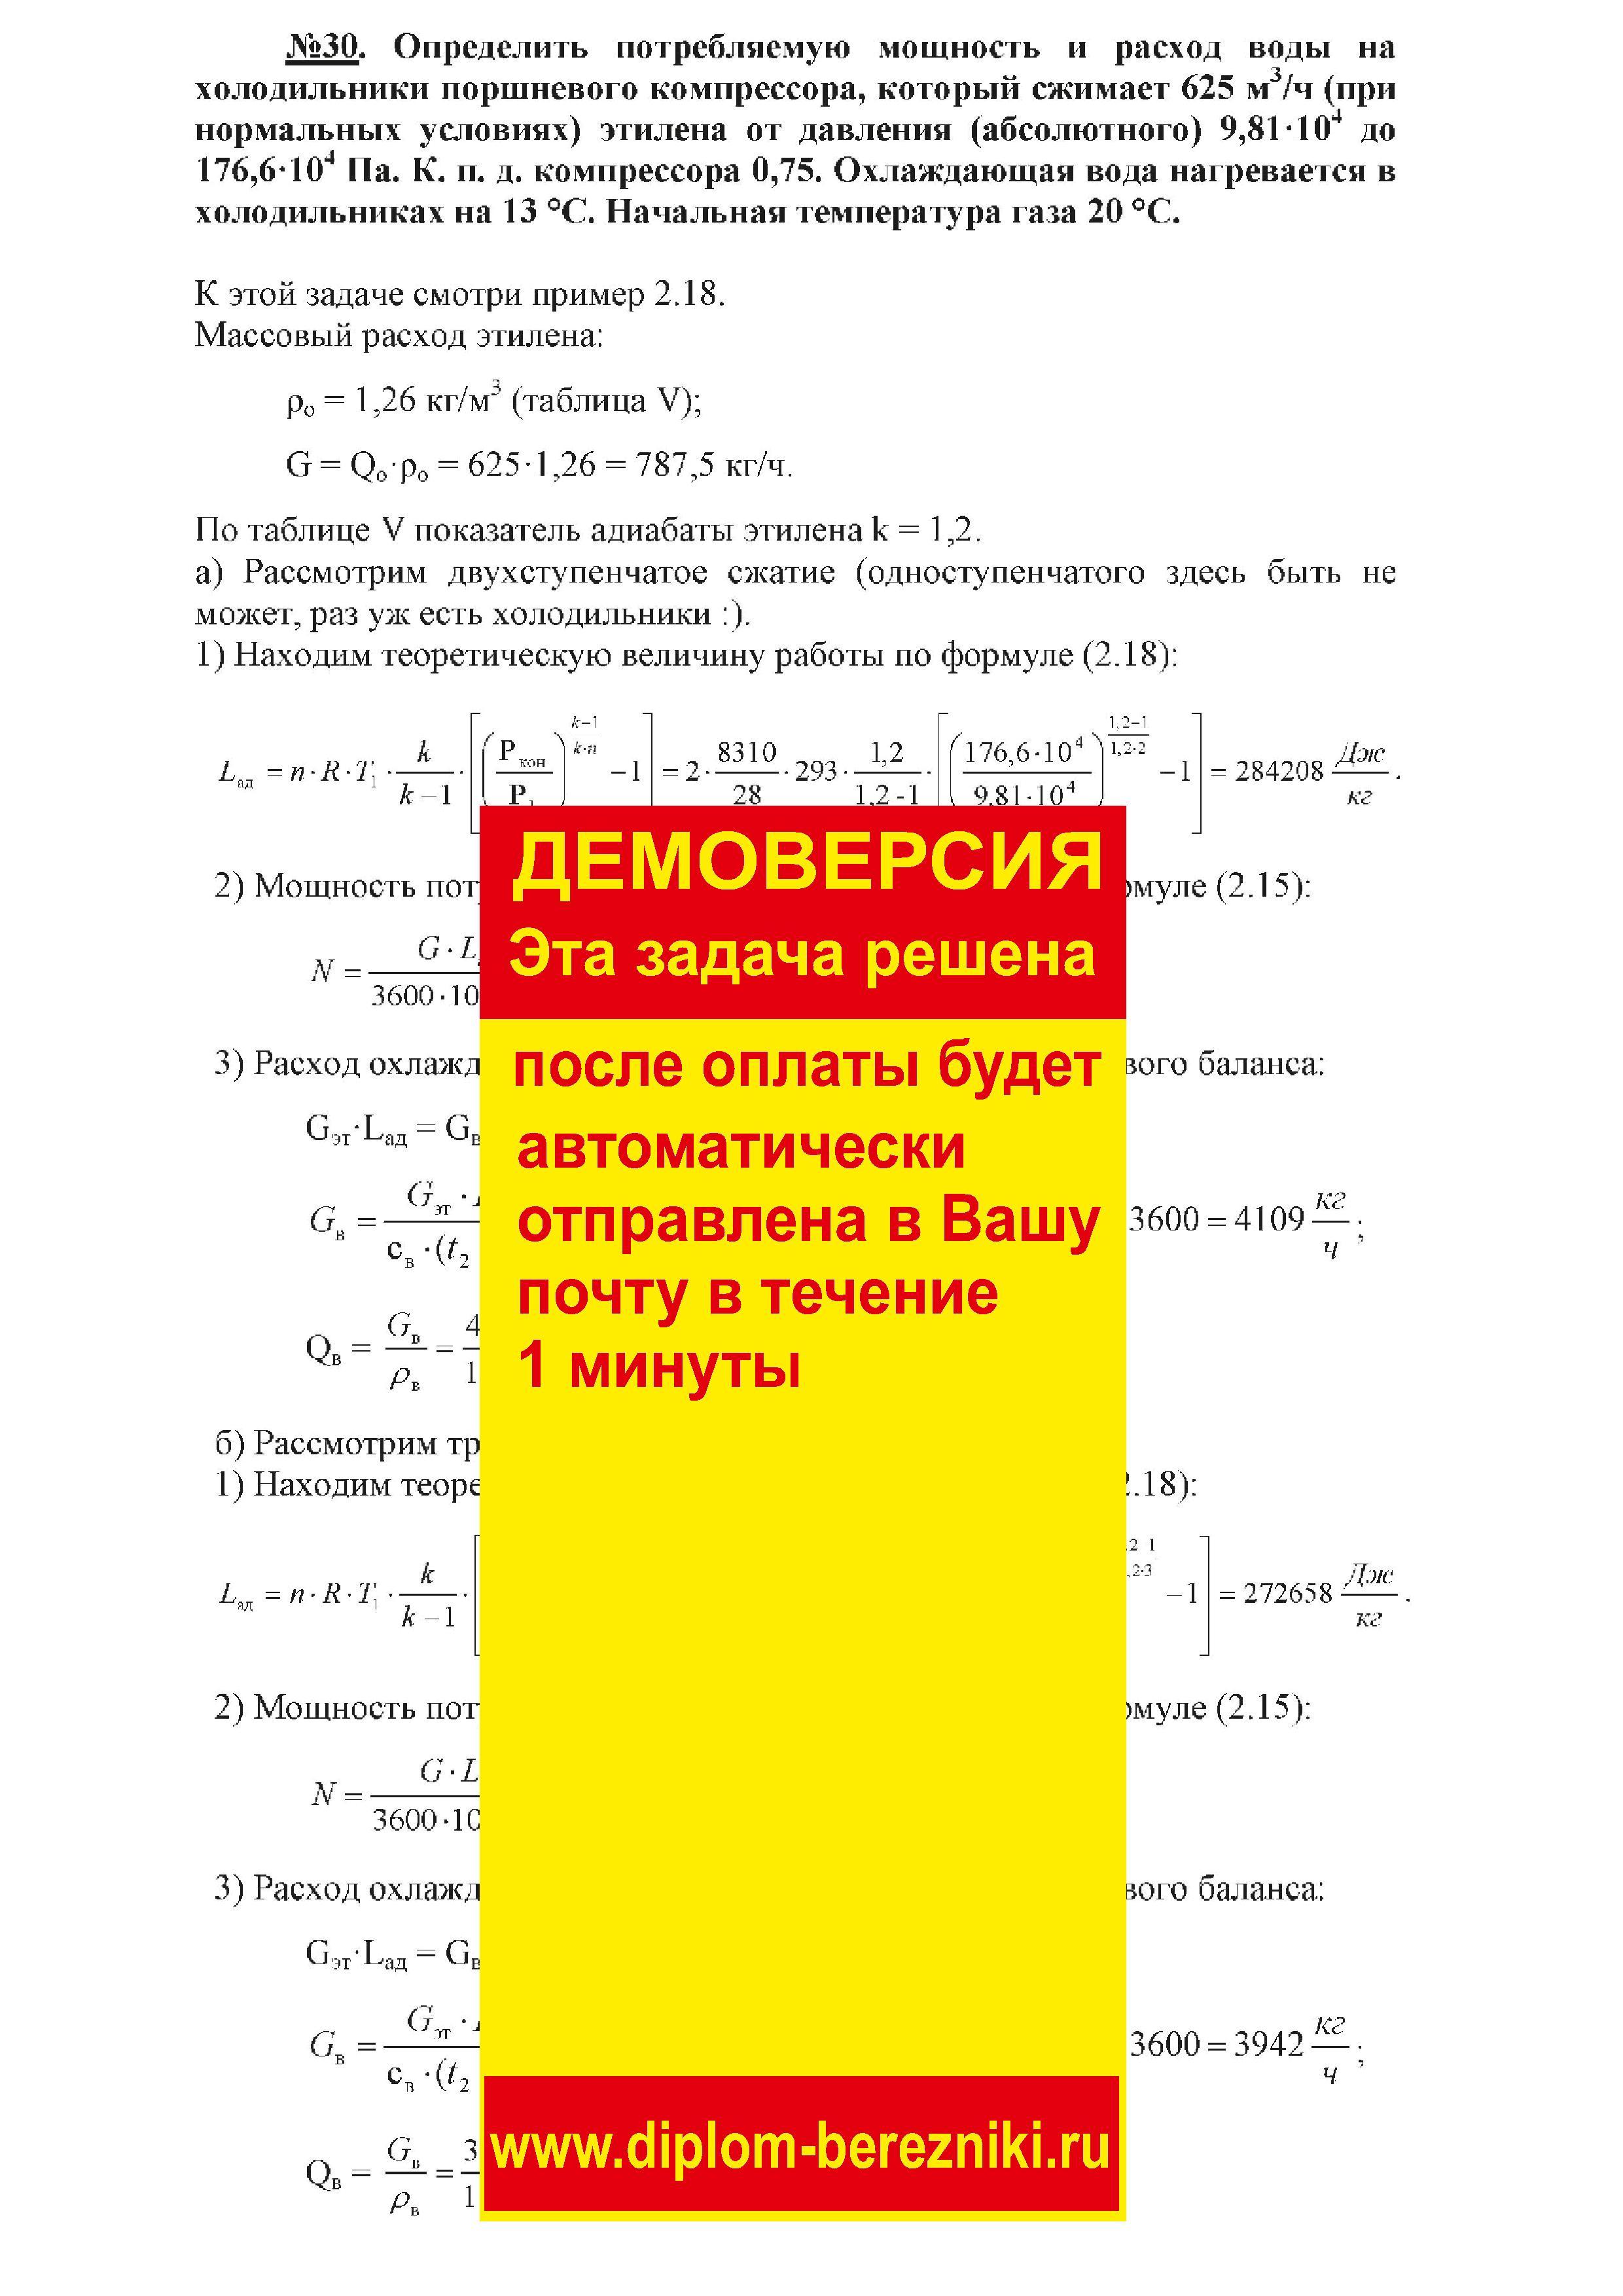 Решение задачи 2.30 по ПАХТ из задачника Павлова Романкова Носкова